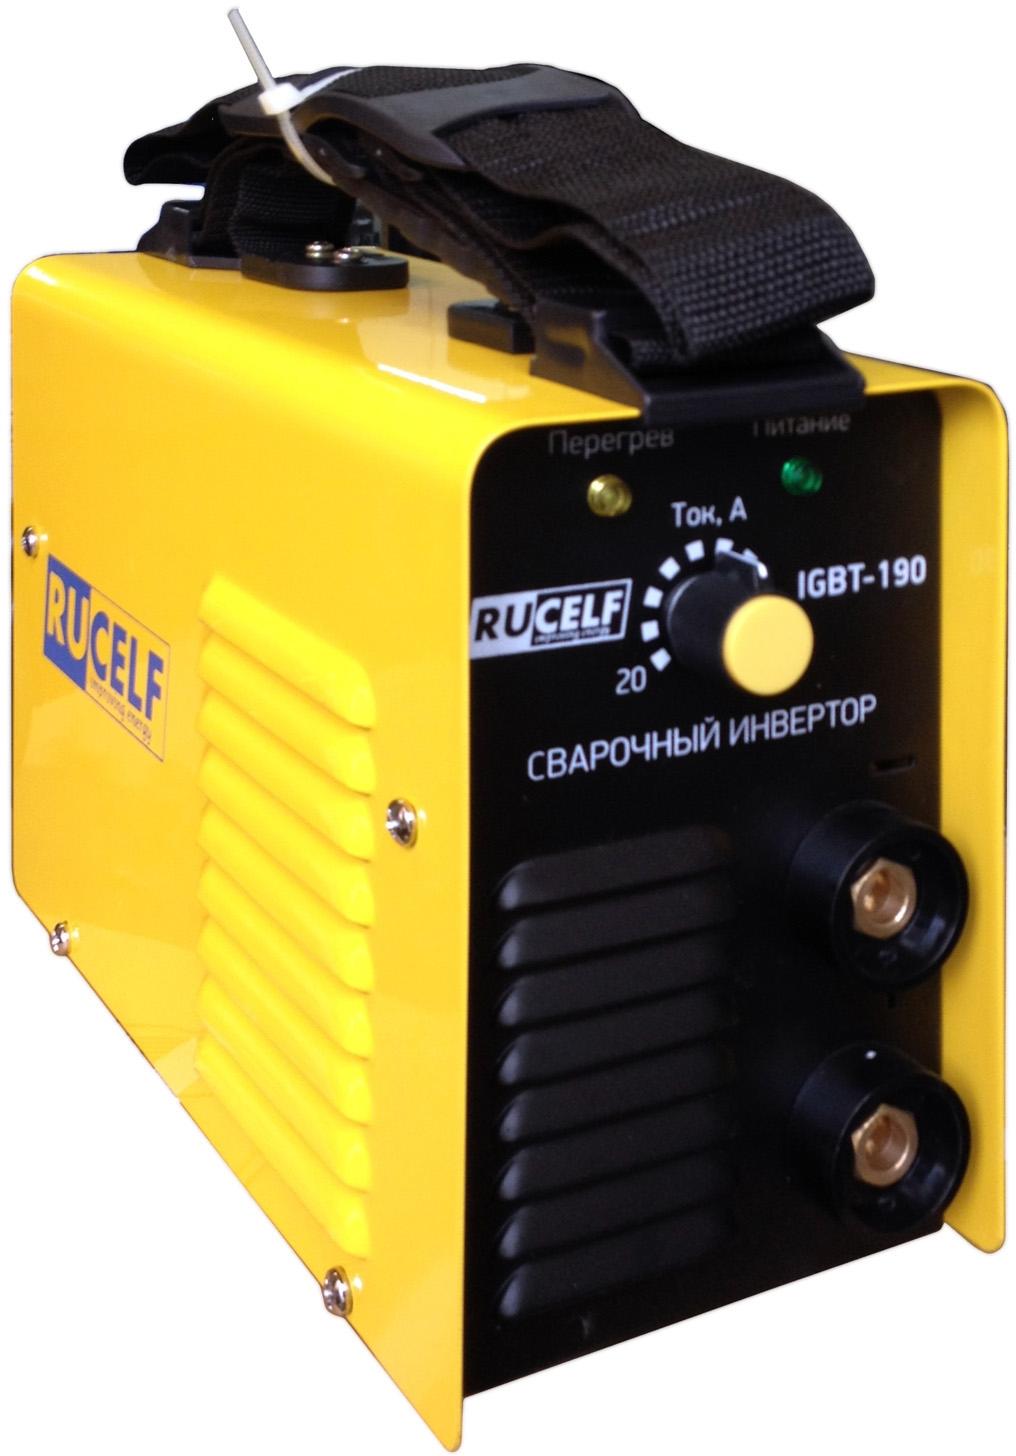 Сварочный инвертор RUCELF IGBT-190  сварочный инвертор rucelf igbt 160 00002052